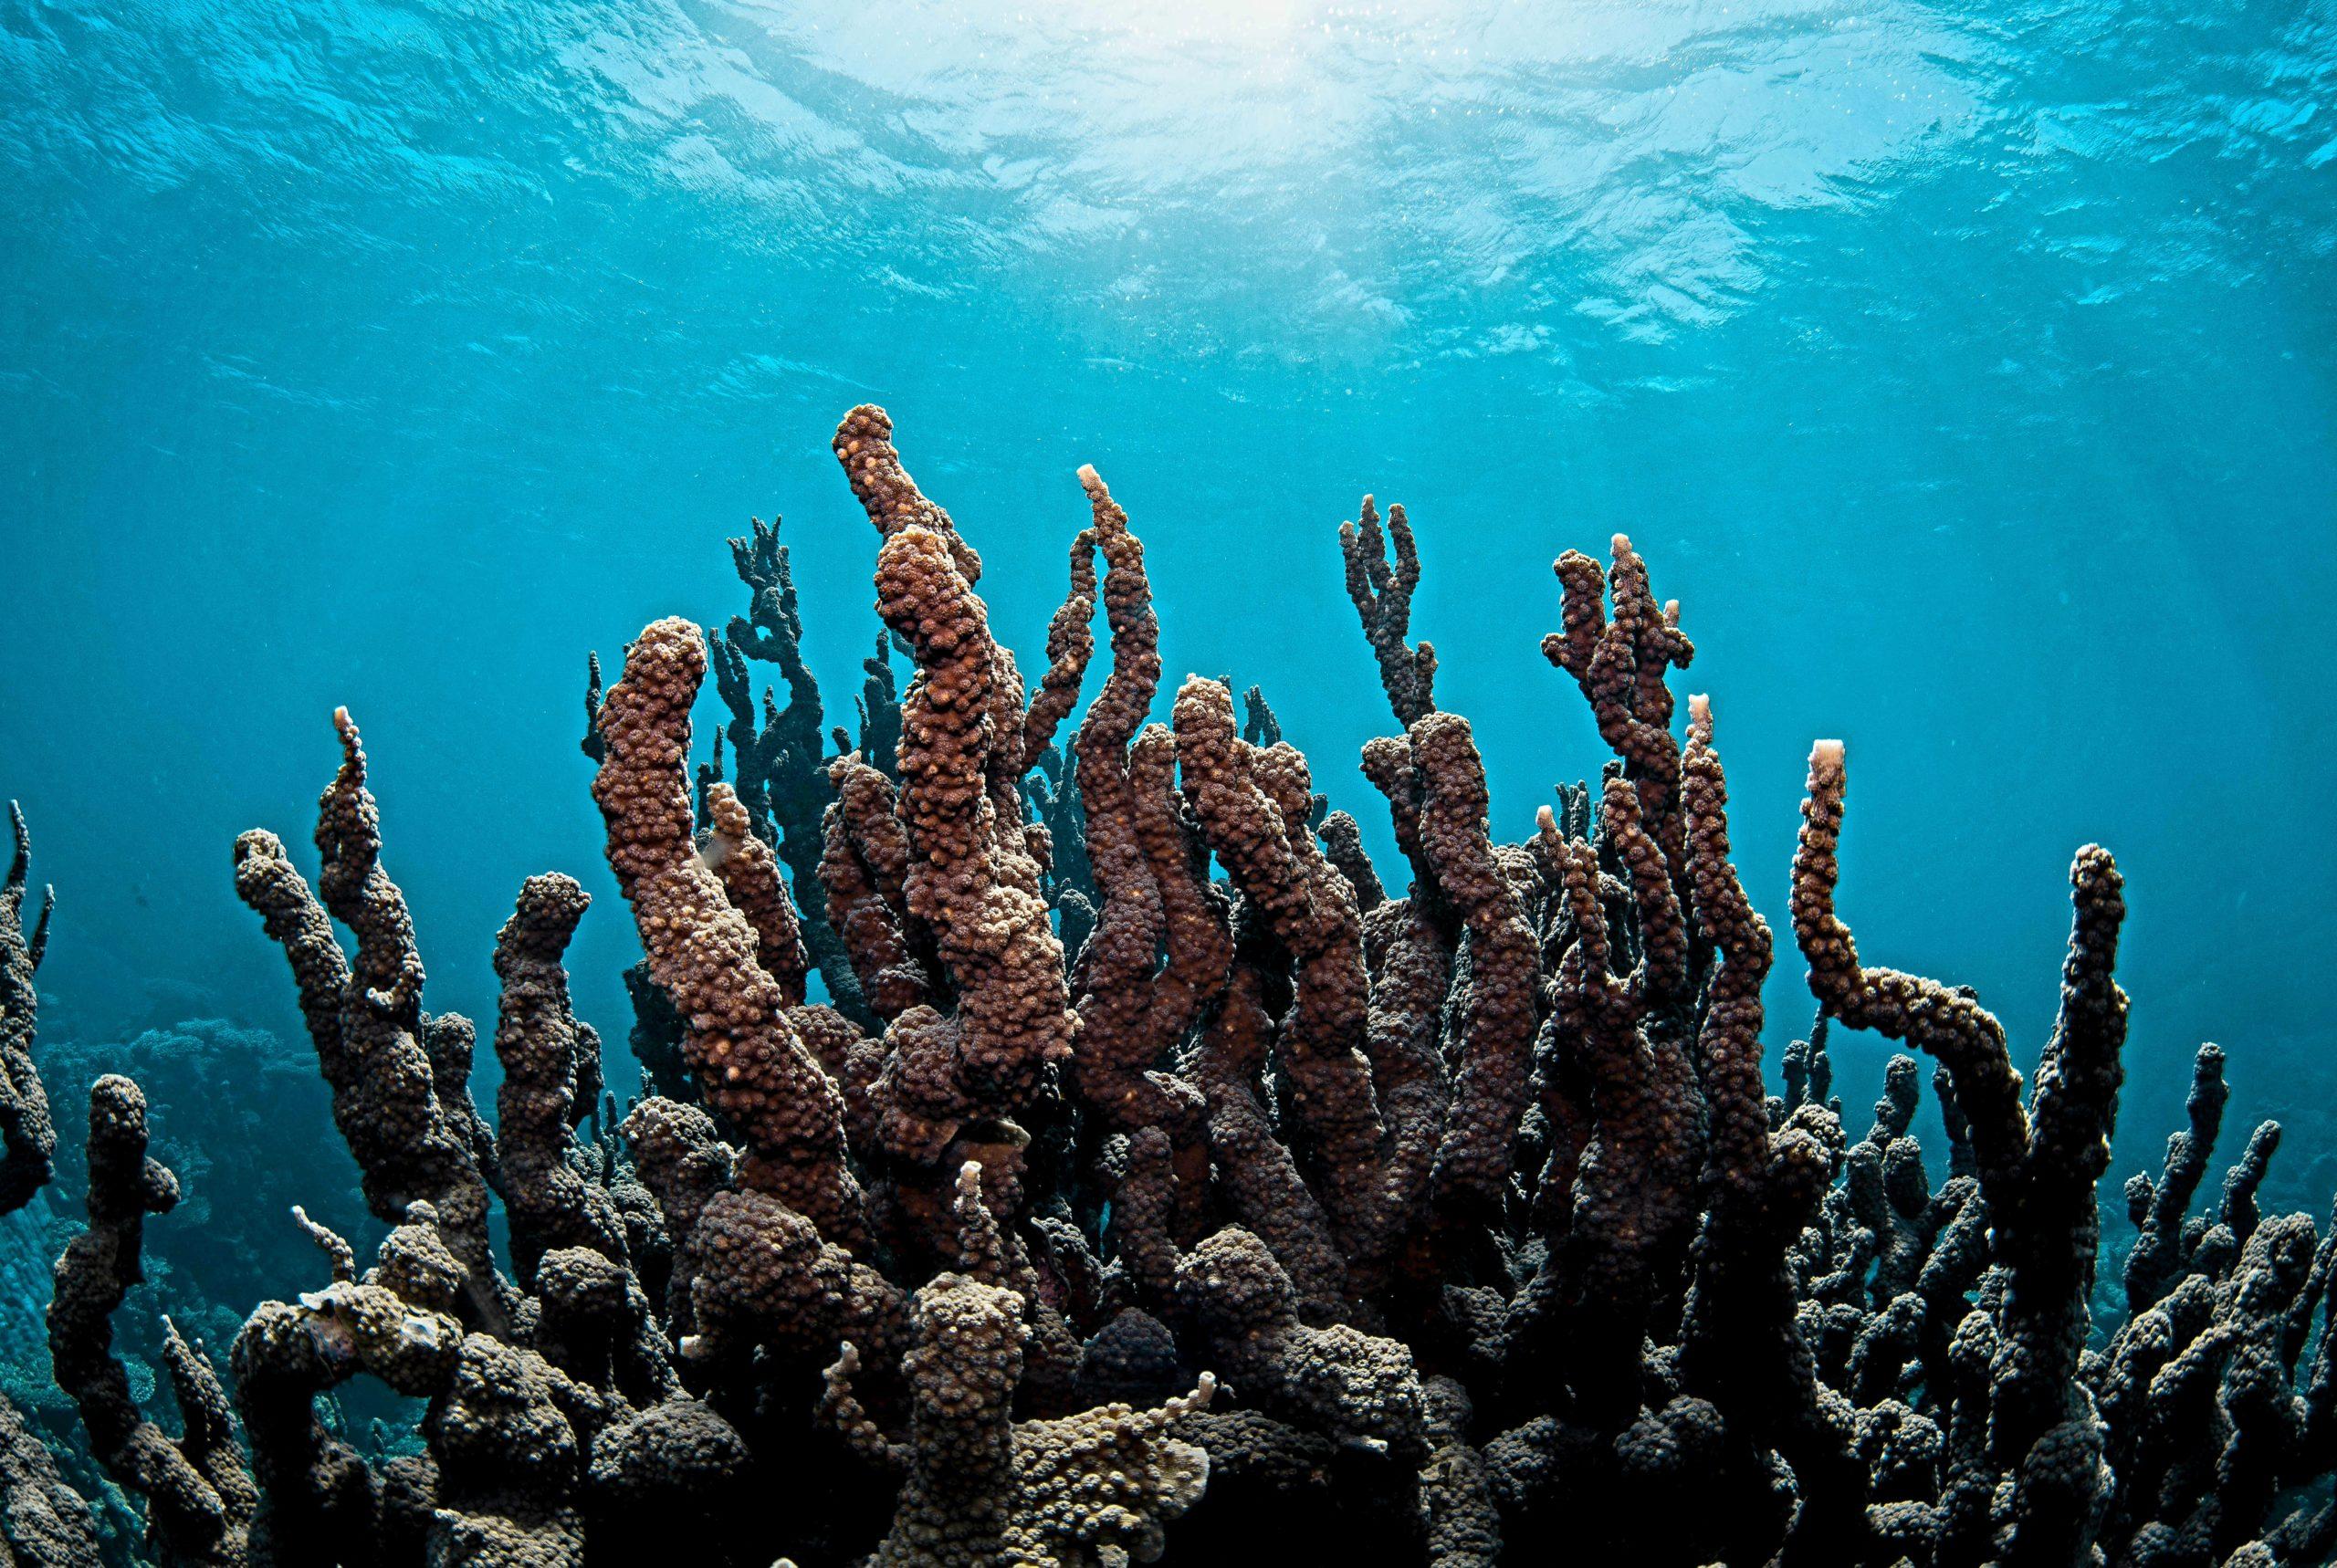 Snorkelling on Ningaloo Reef